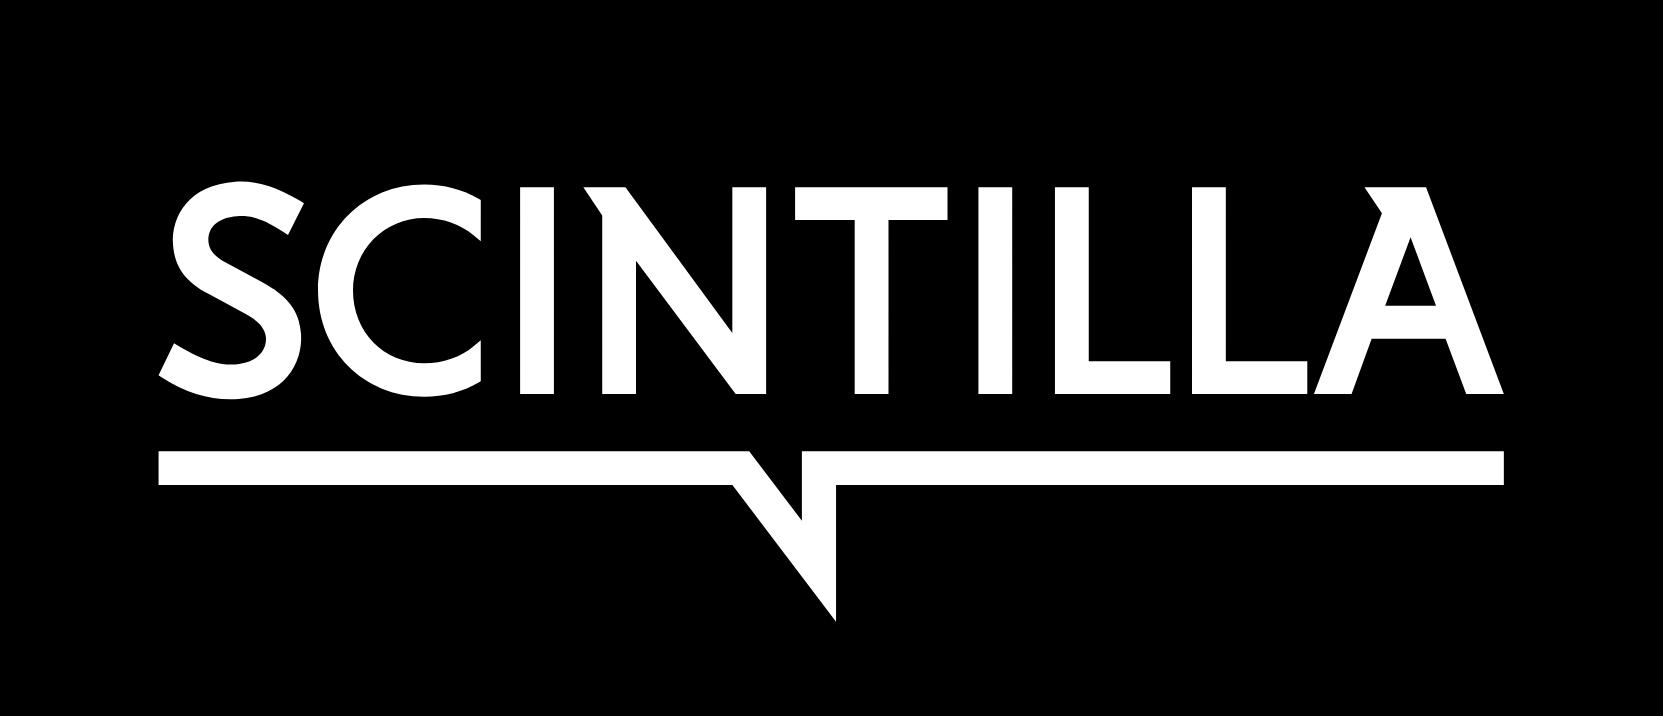 Scintilla Logos